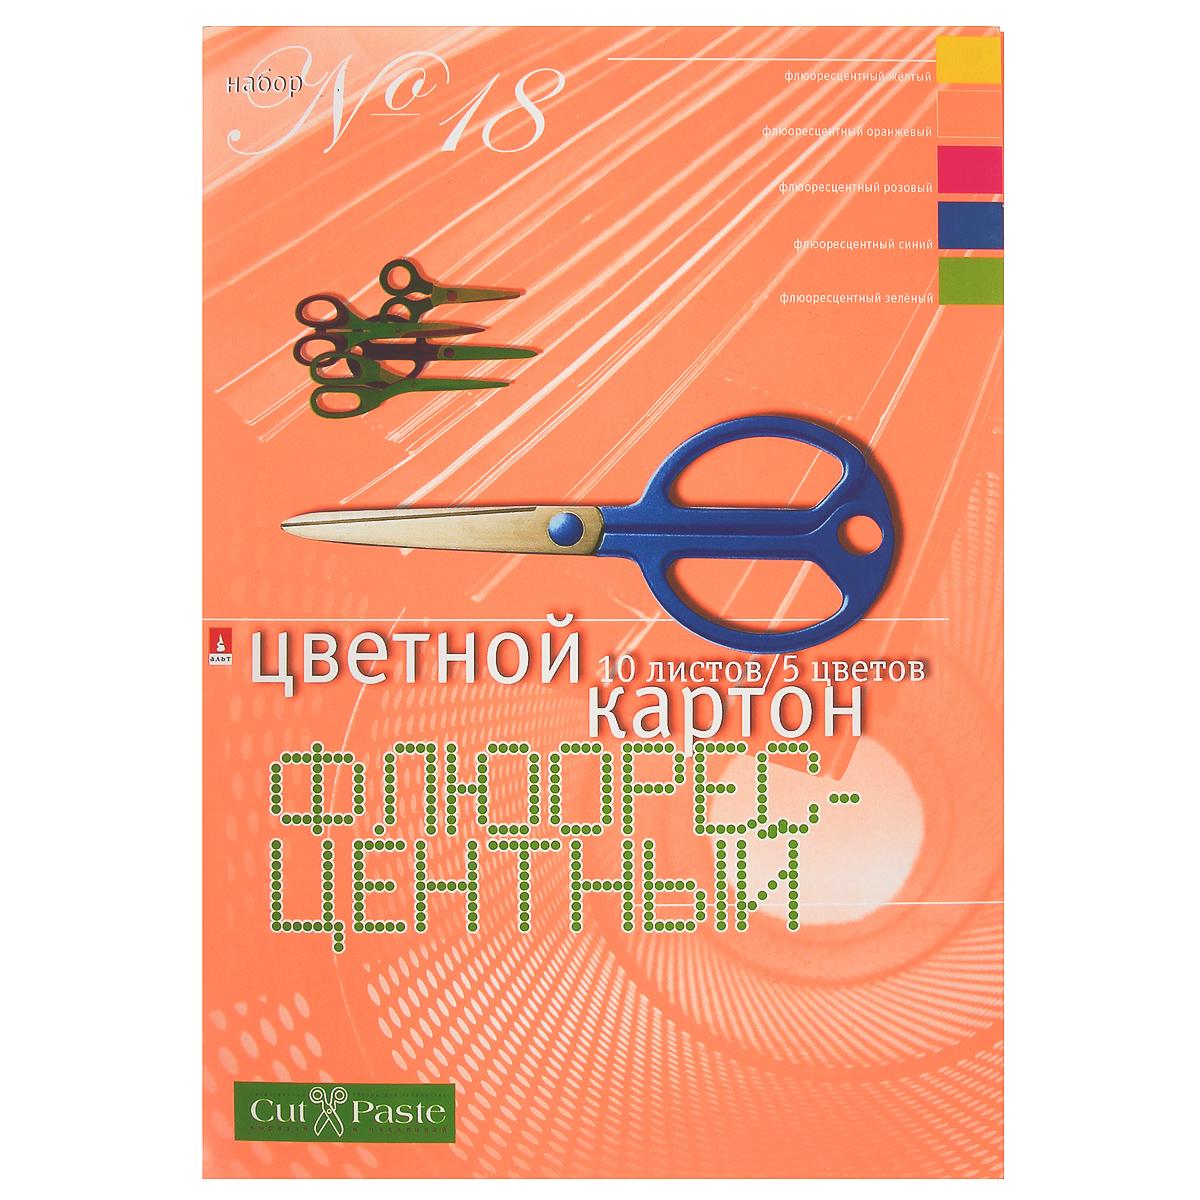 Цветной картон Альт, флюоресцентный, №18, 5 цветов11-410-40Набор цветного флуоресцентного картона позволит создавать всевозможные аппликации и поделки. Набор состоит из 10 листов желтого, оранжевого, розового, синего и зеленого цветов. Благодаря нанесению на листы особого состава, в темное время суток поделки из флуоресцентного картона излучают легкое сияние, что смотрится особенно нарядно. На обратной стороне папки приводится инструкции с фотографиями и рисунками по изготовлению поделок. Создание поделок из цветного картона позволяет ребенку развивать творческие способности, кроме того, это увлекательный досуг.